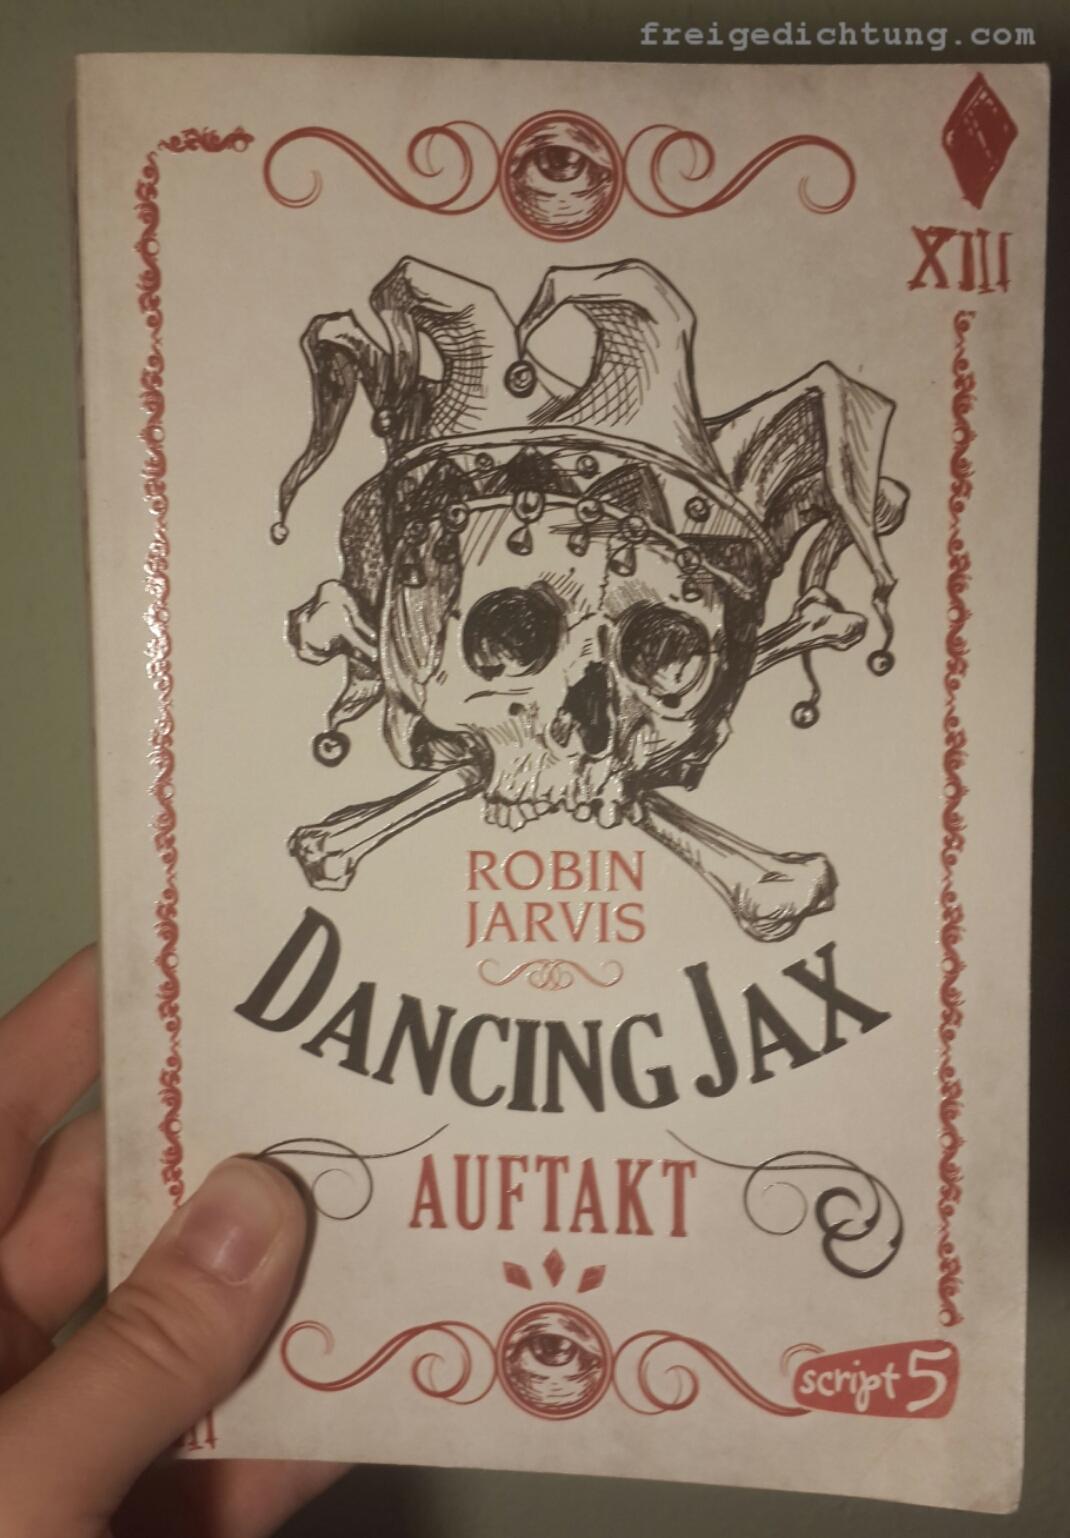 29-dancing-jax